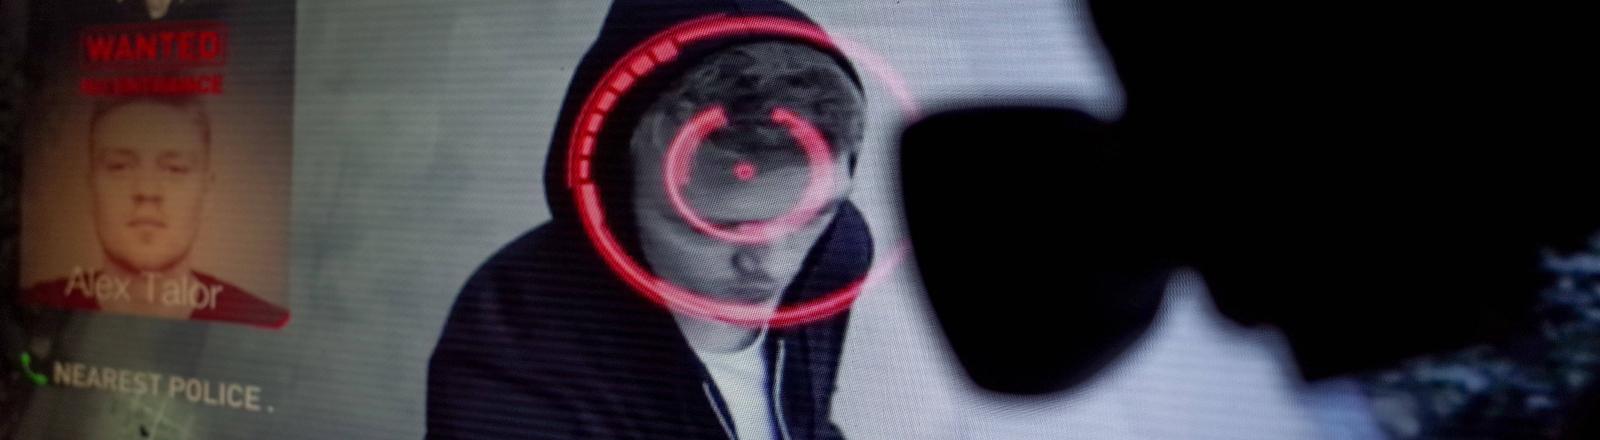 Ein Mann wird von einer Kamera erfasst und eine Gesichtserkennung durchgeführt.